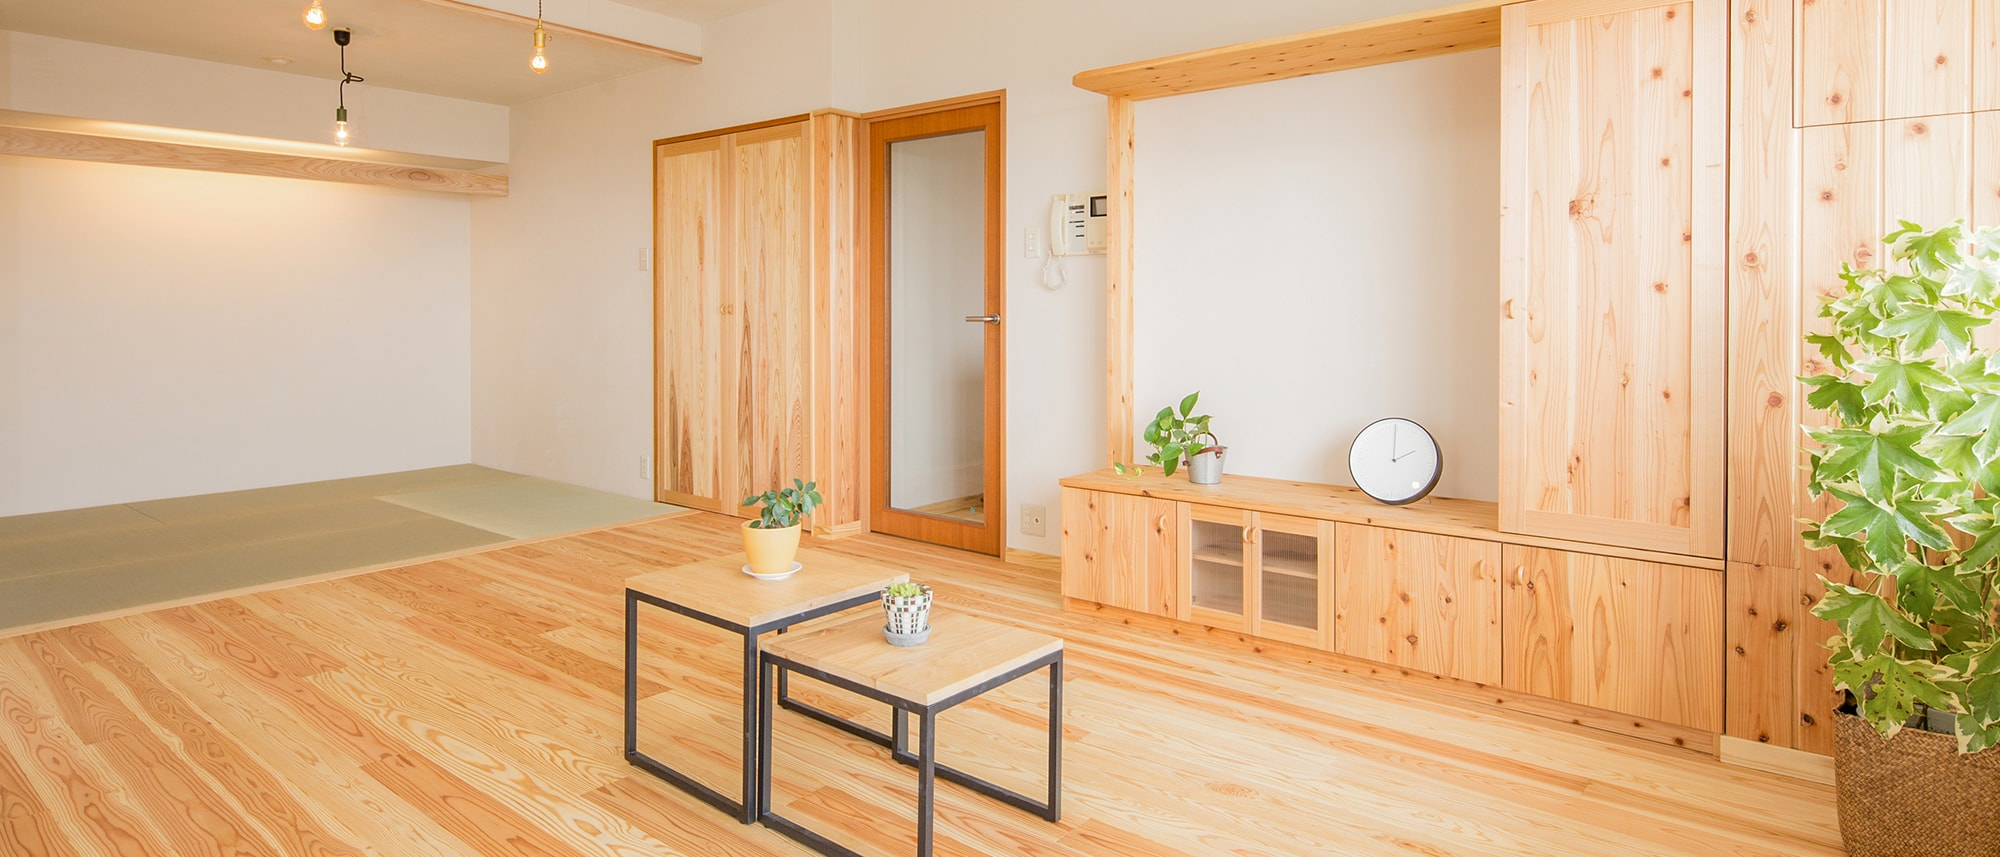 木箱 Kashii|リビングから見た和室の写真